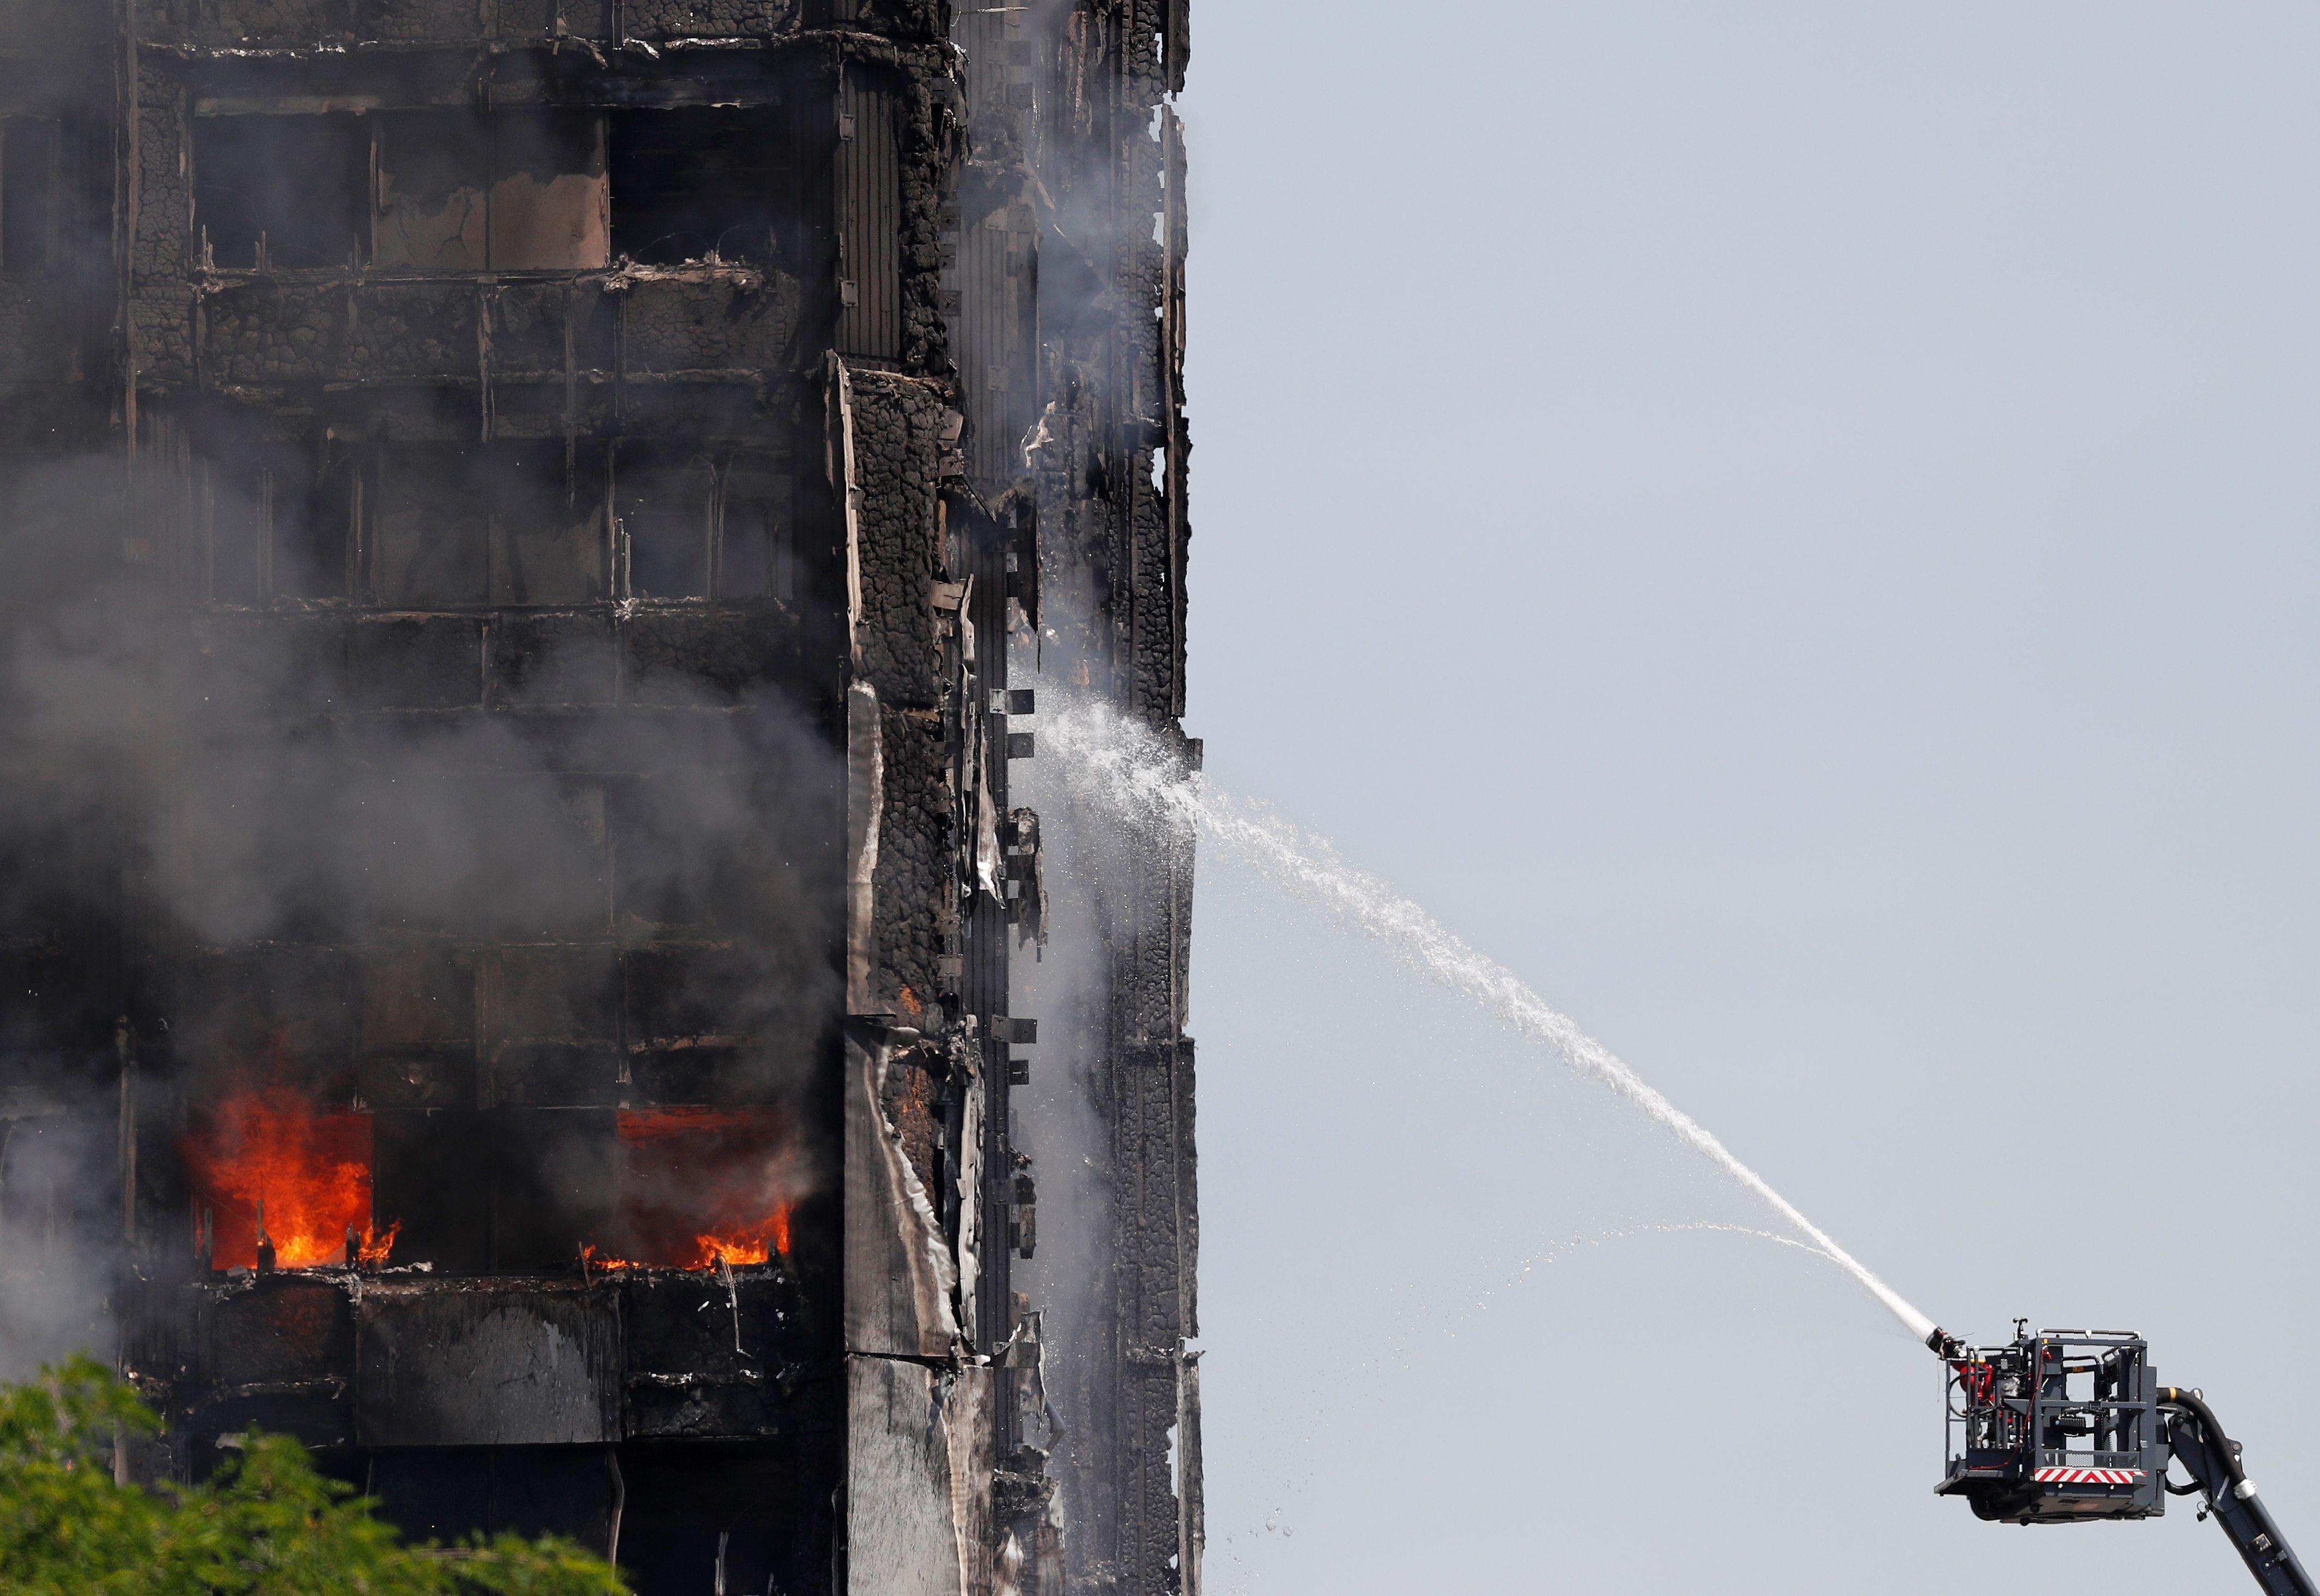 Adele visita Grenfell Tower e oferece ajuda às vítimas do incêndio